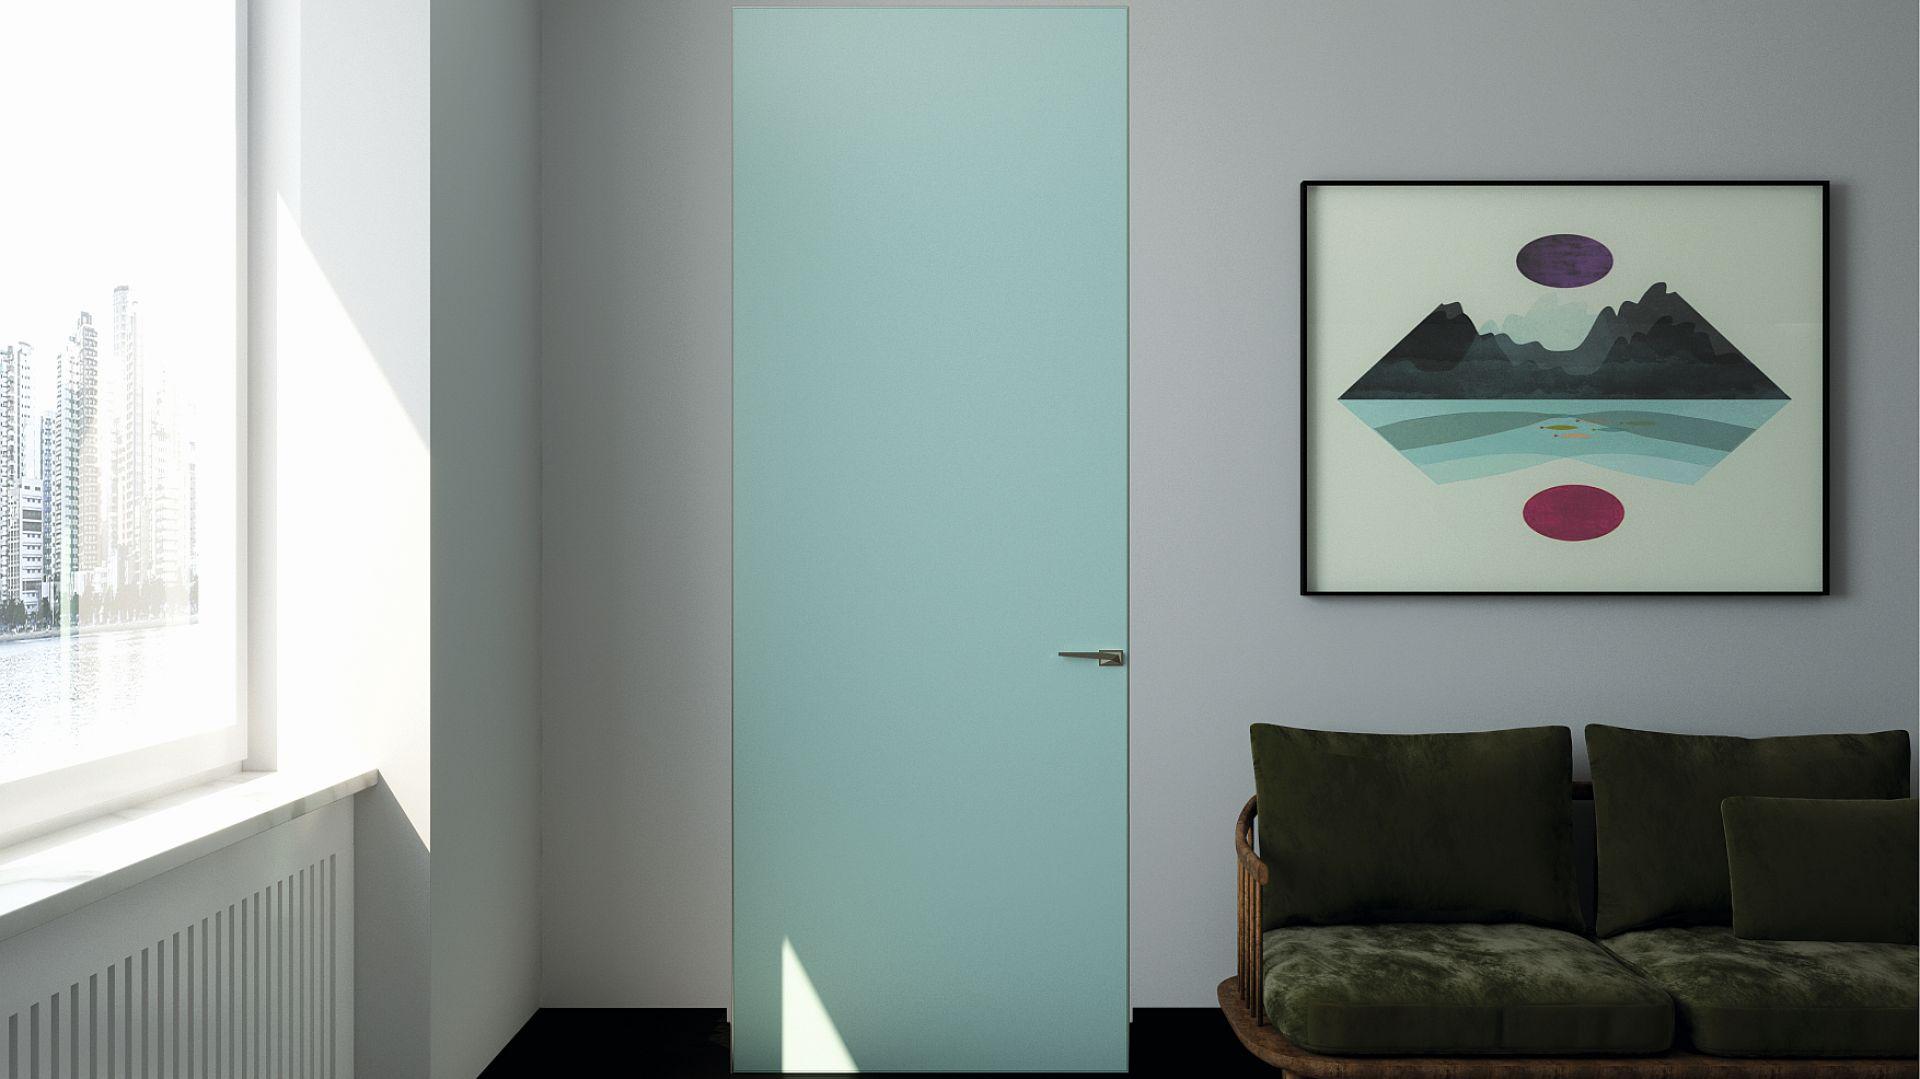 Drewniane drzwi, ukryte, z ościeżnicą ALU PIU Wood Line, znakomicie łączą się ze stylem współczesnych wnętrz. Elegancja, harmonia i minimalizm we wnętrzu. Cena: od 1.900 zł/komplet. Dostępne w ofercie firmy PIU Design. Fot. PIU Design